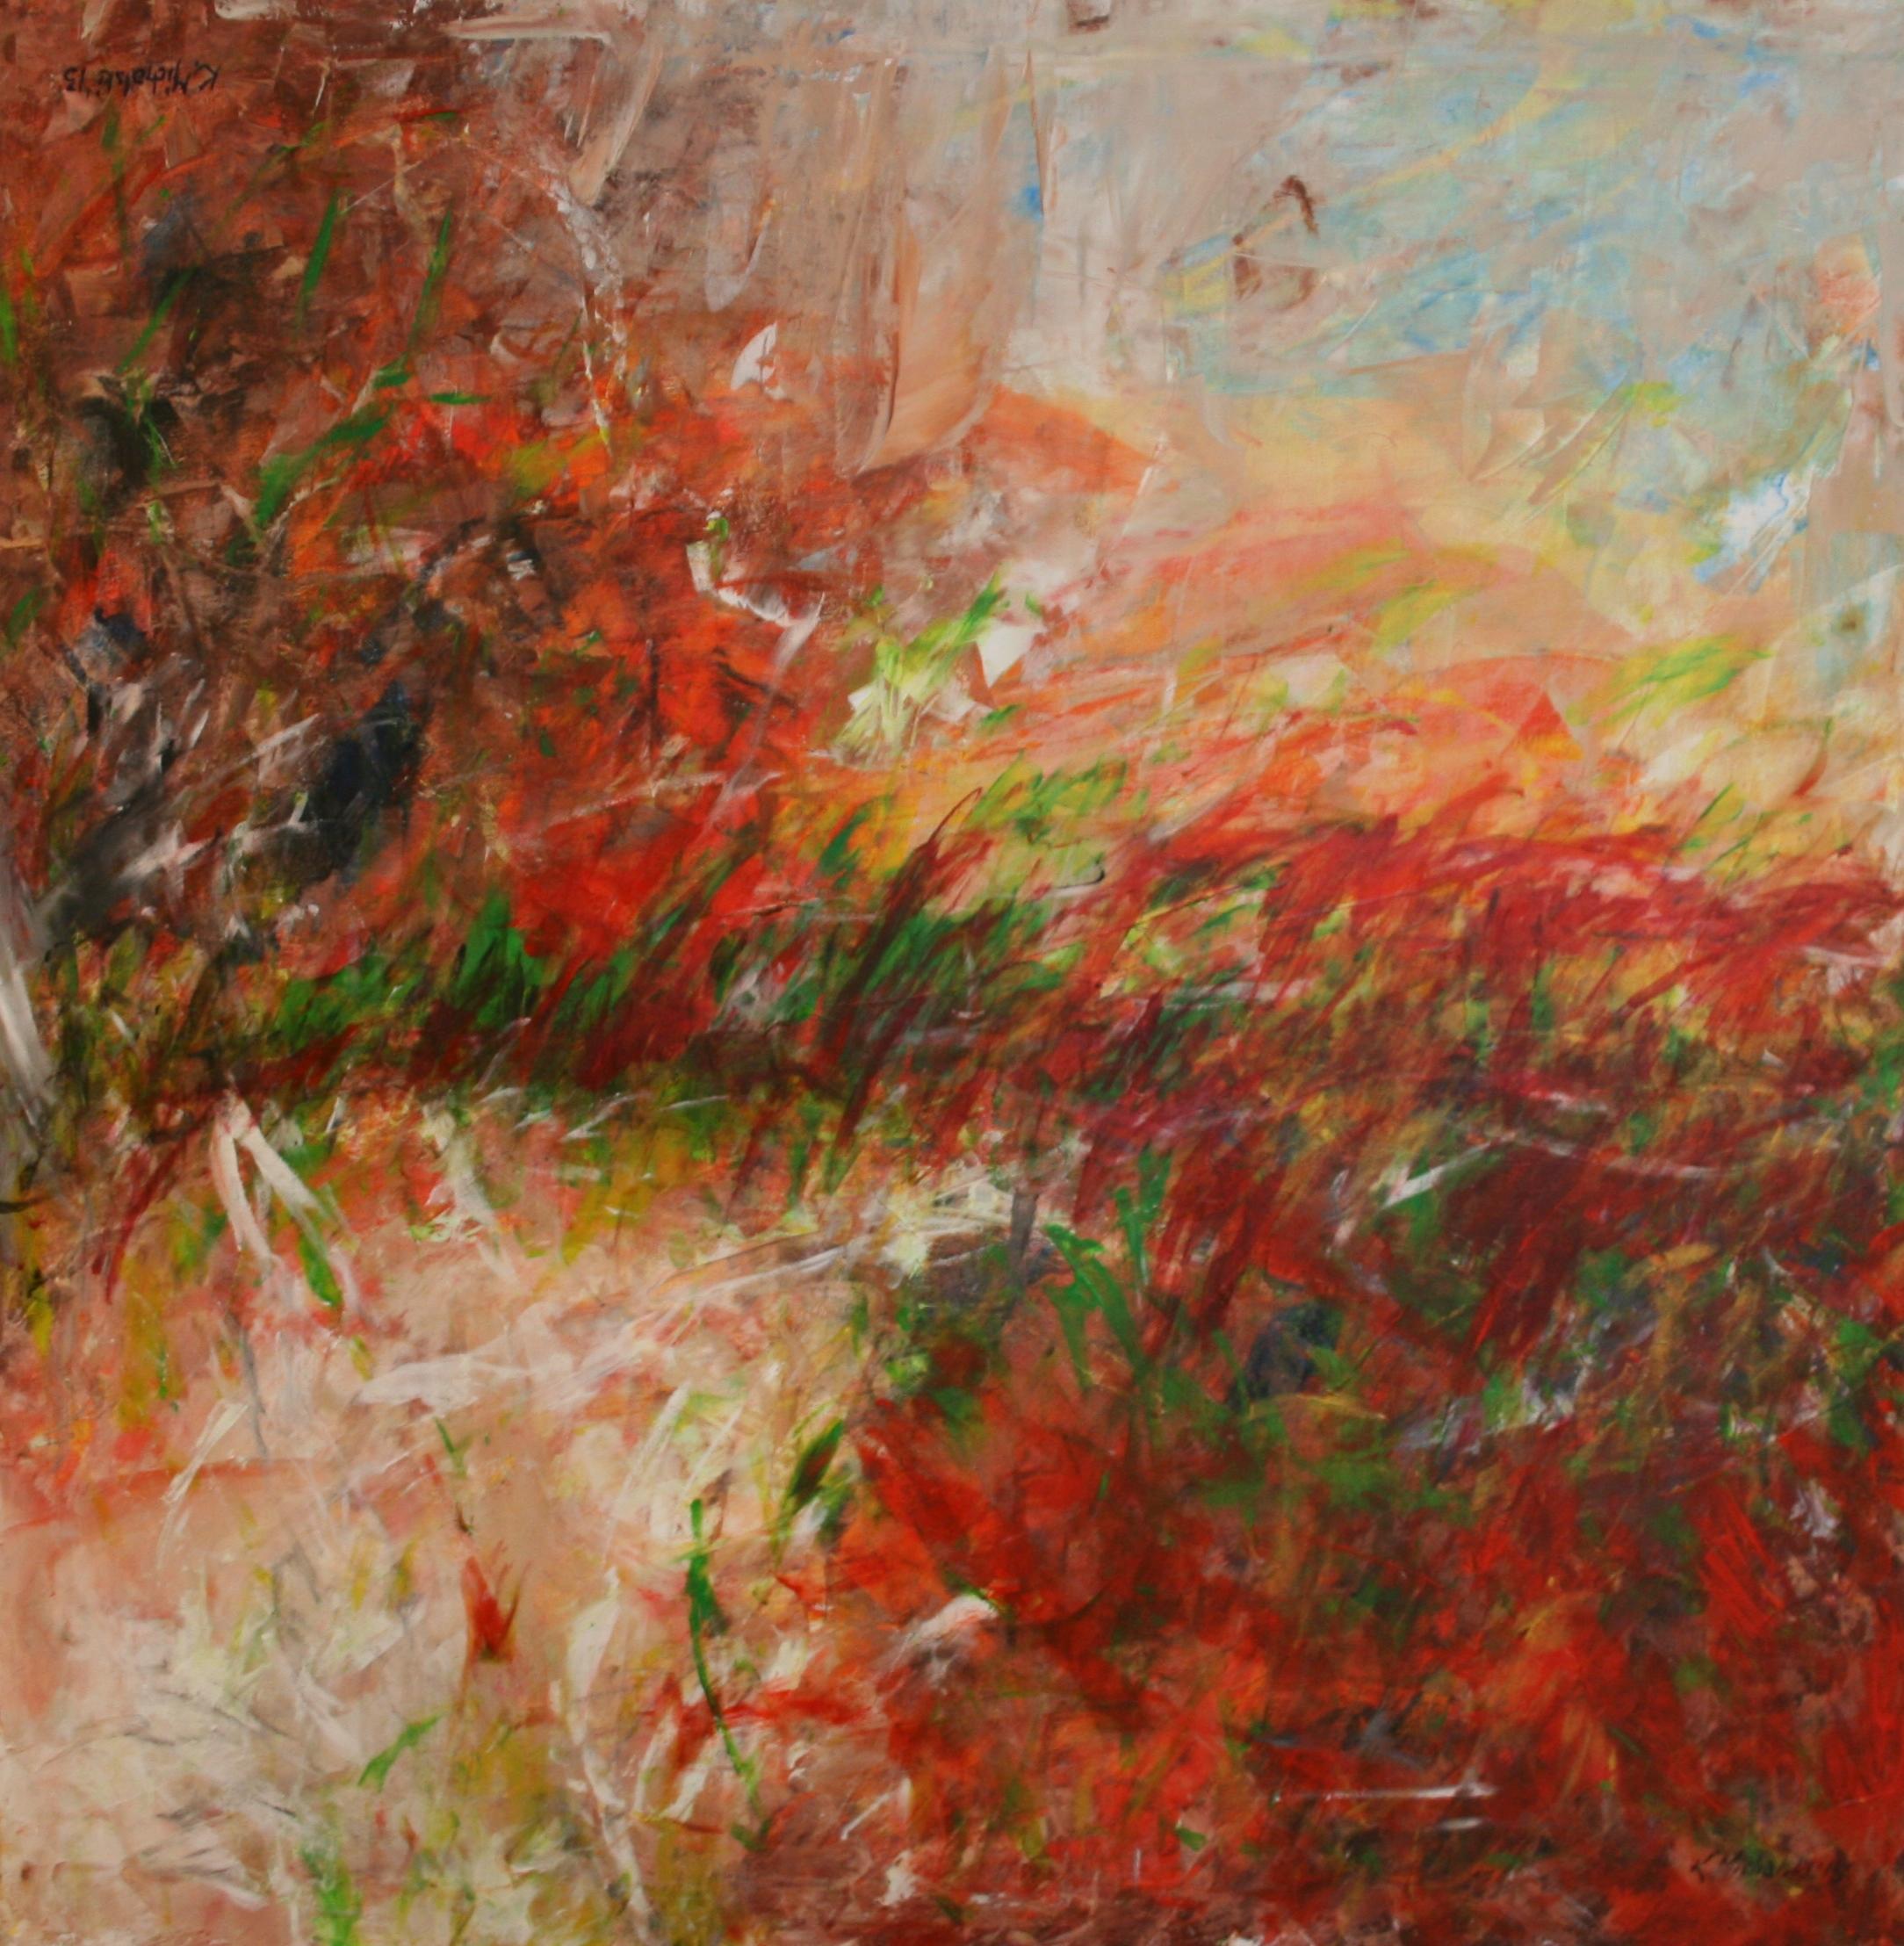 Vier Jahreszeiten, 2015, 100 x 100, Acryl auf Leinwand